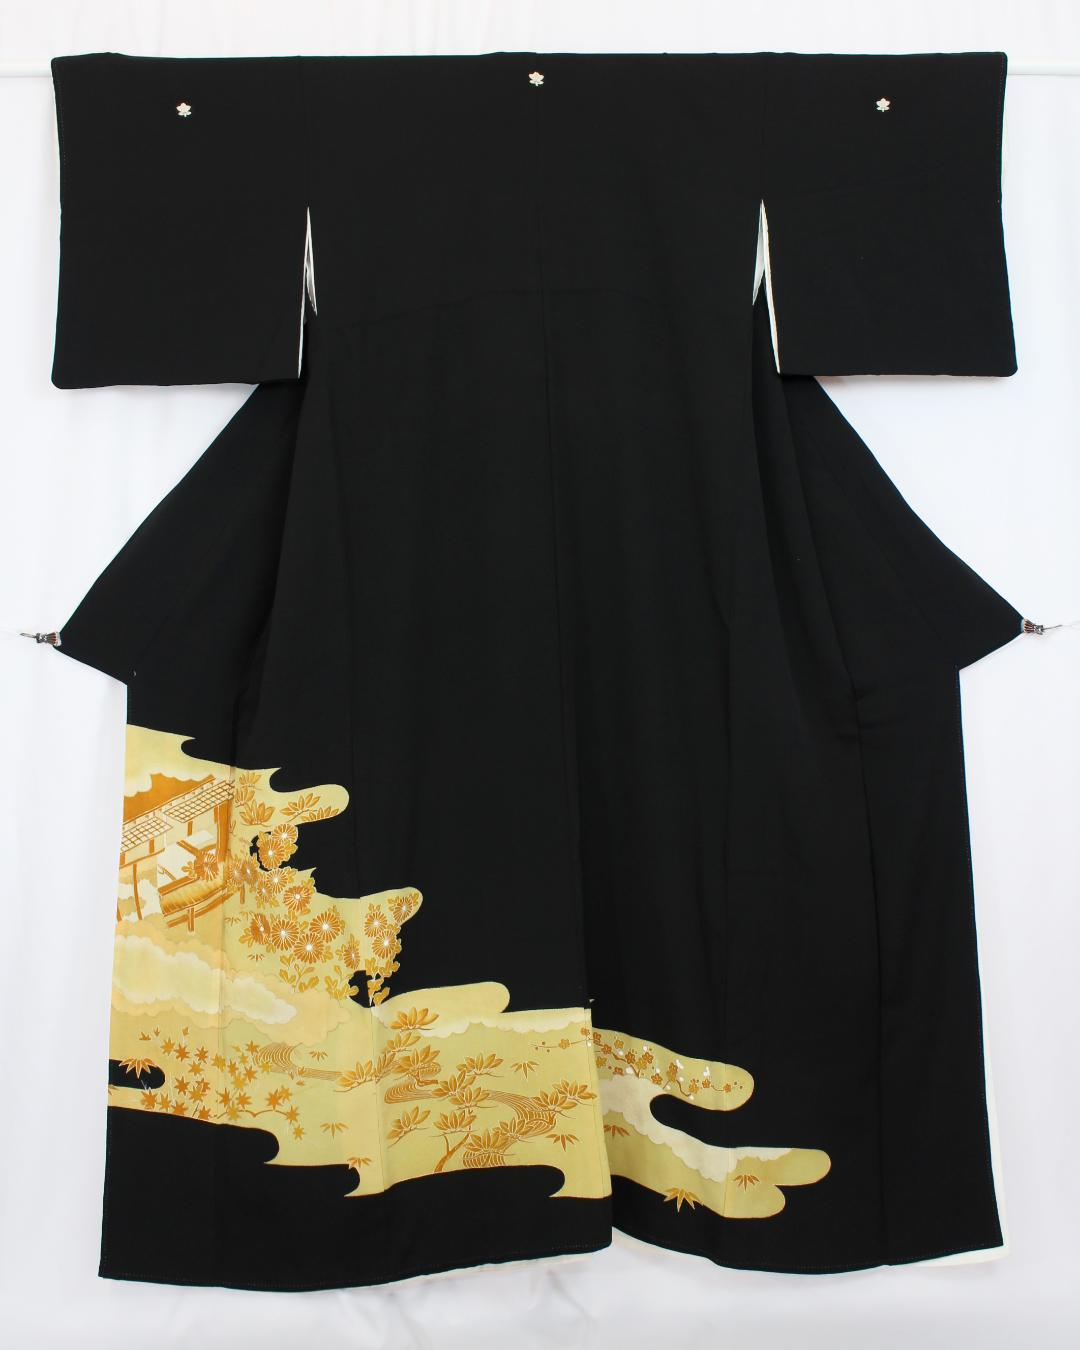 【古着物】菊紅葉風景黒留袖画像